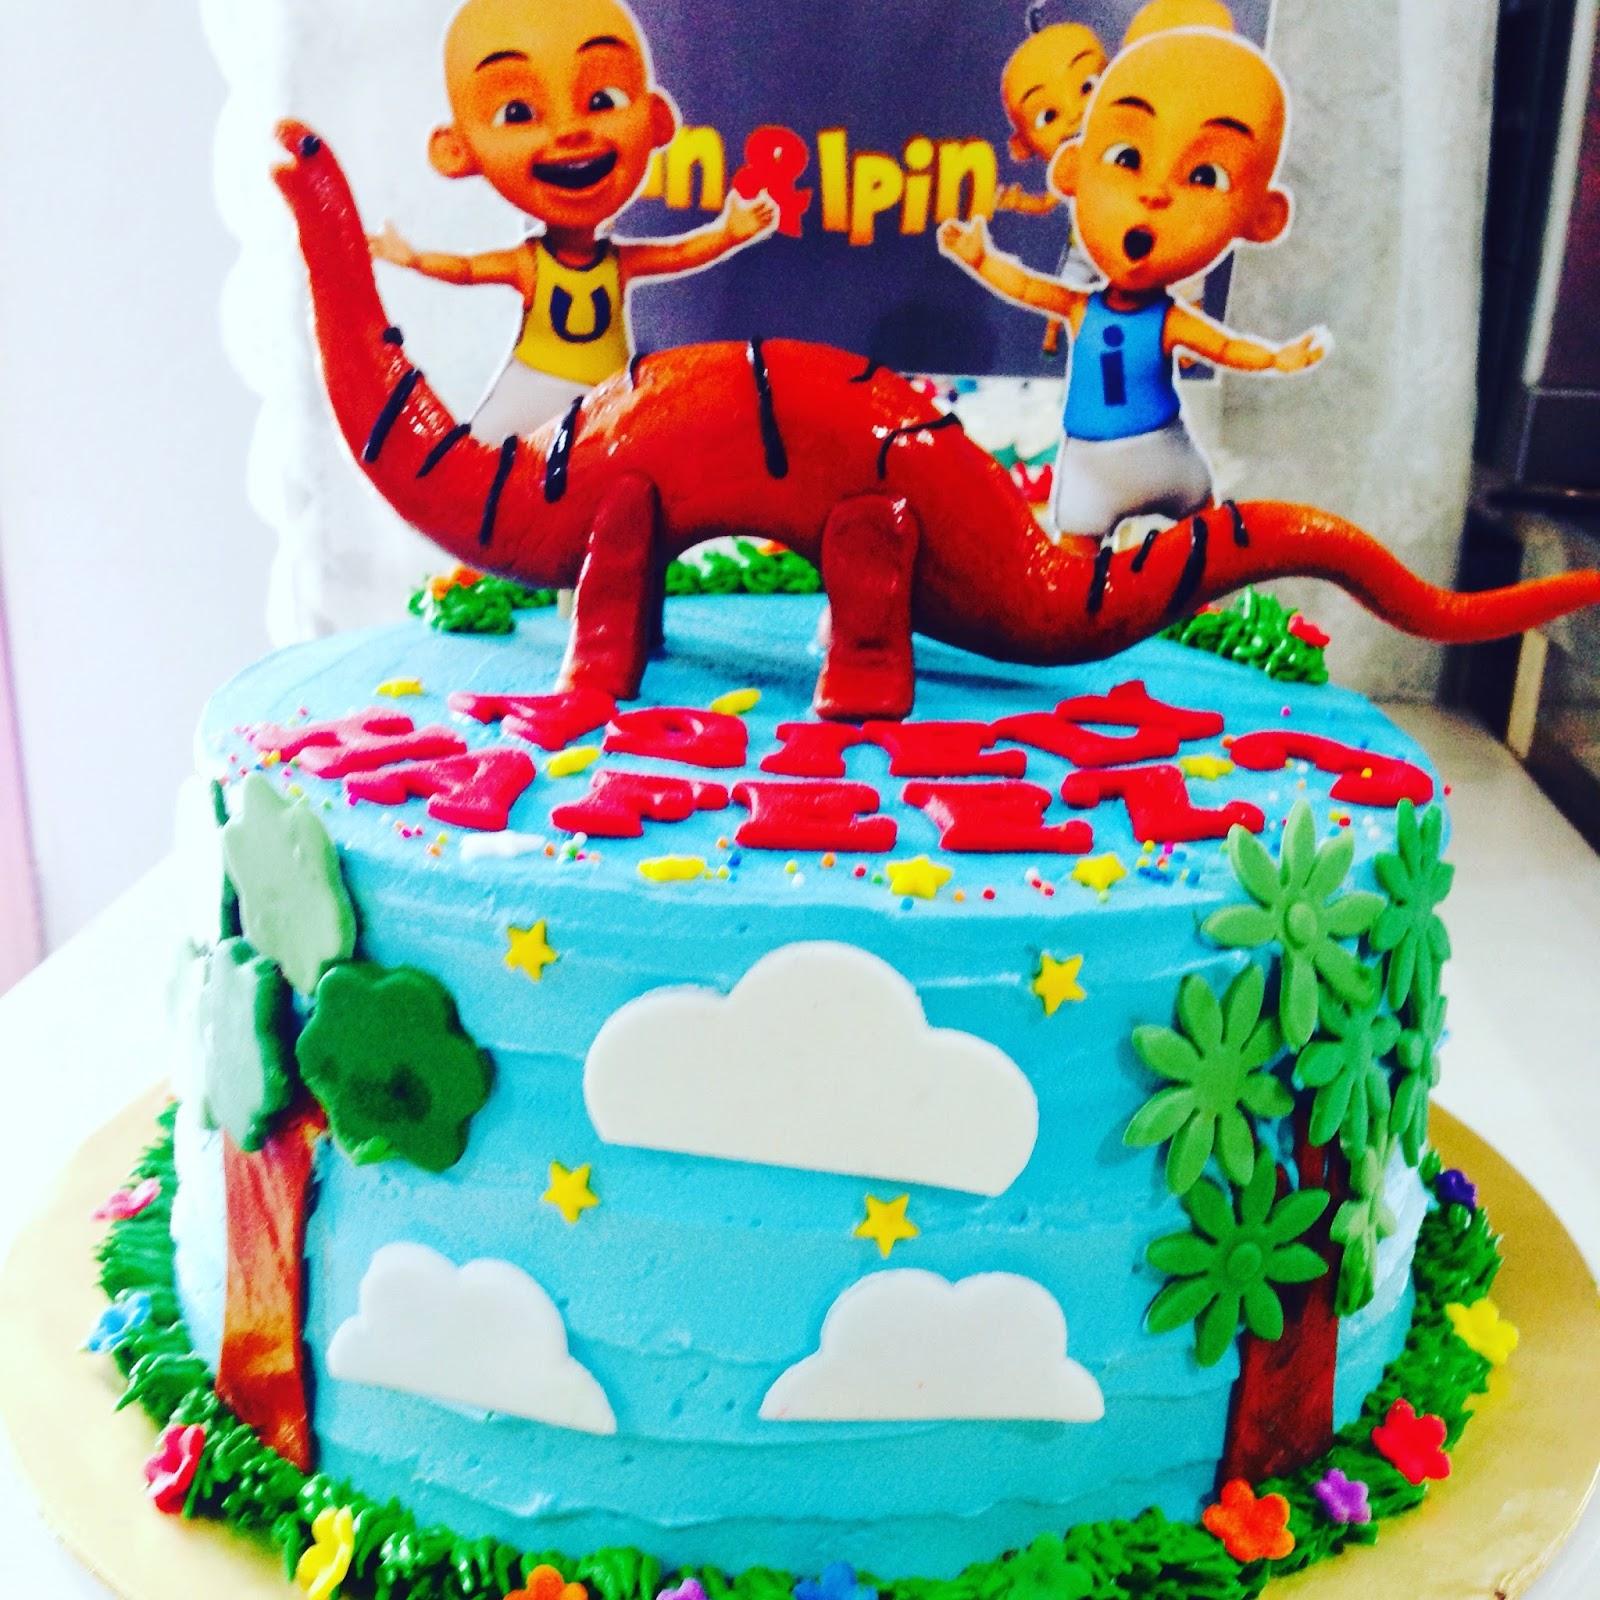 ninie cakes house Birthday Cakes Upin Ipin VS Dinosour